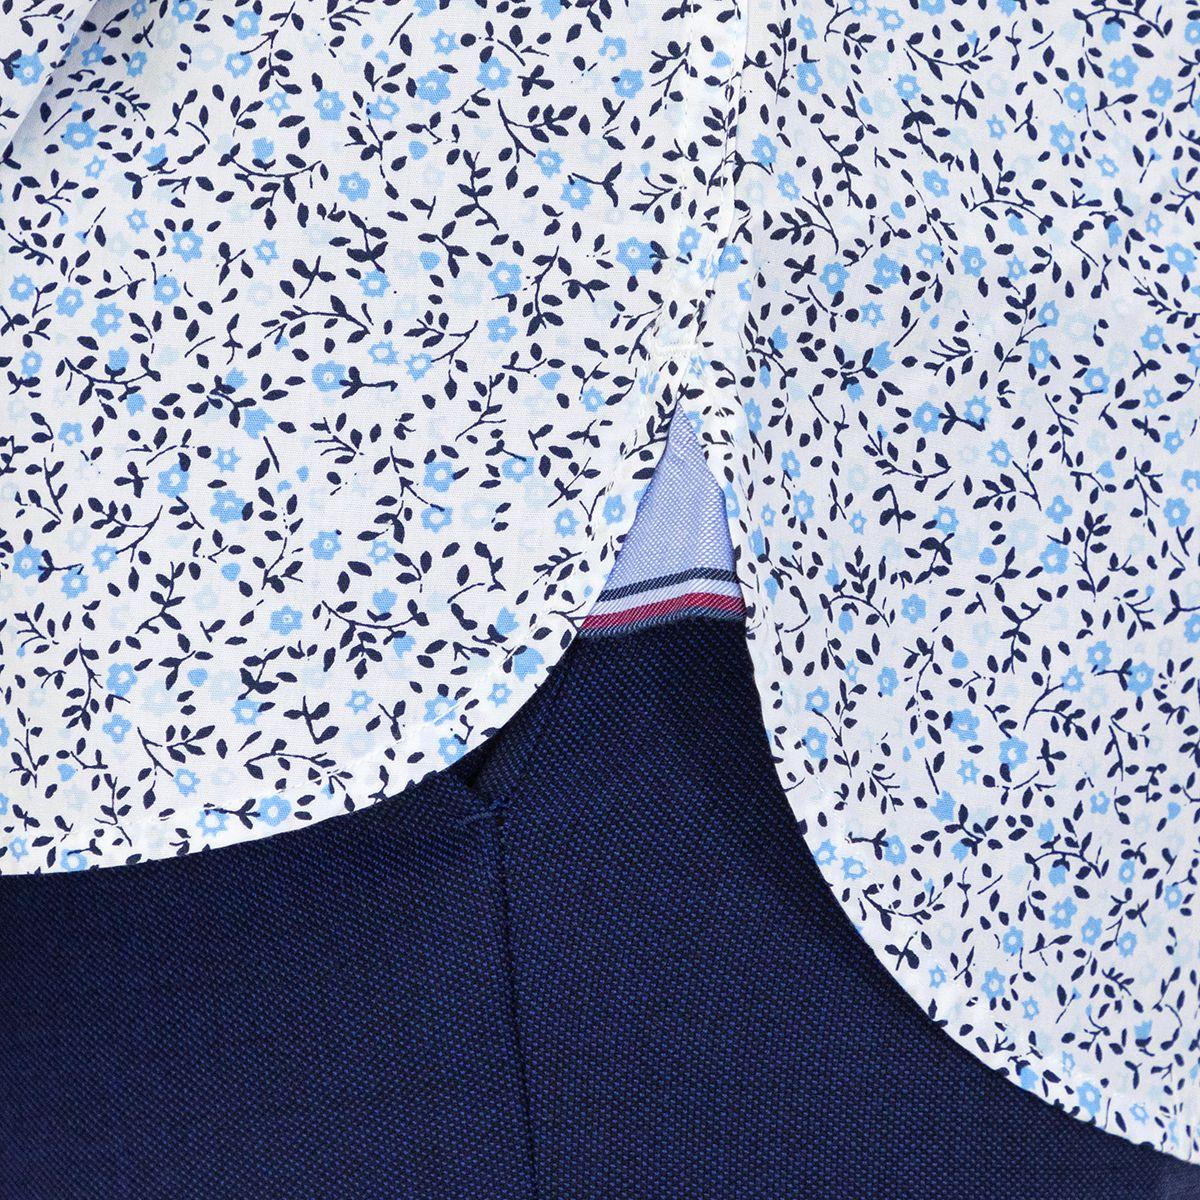 Tommy Hilfiger Men's Shirt Floral Regular Fit Full Sleeve Multicolor